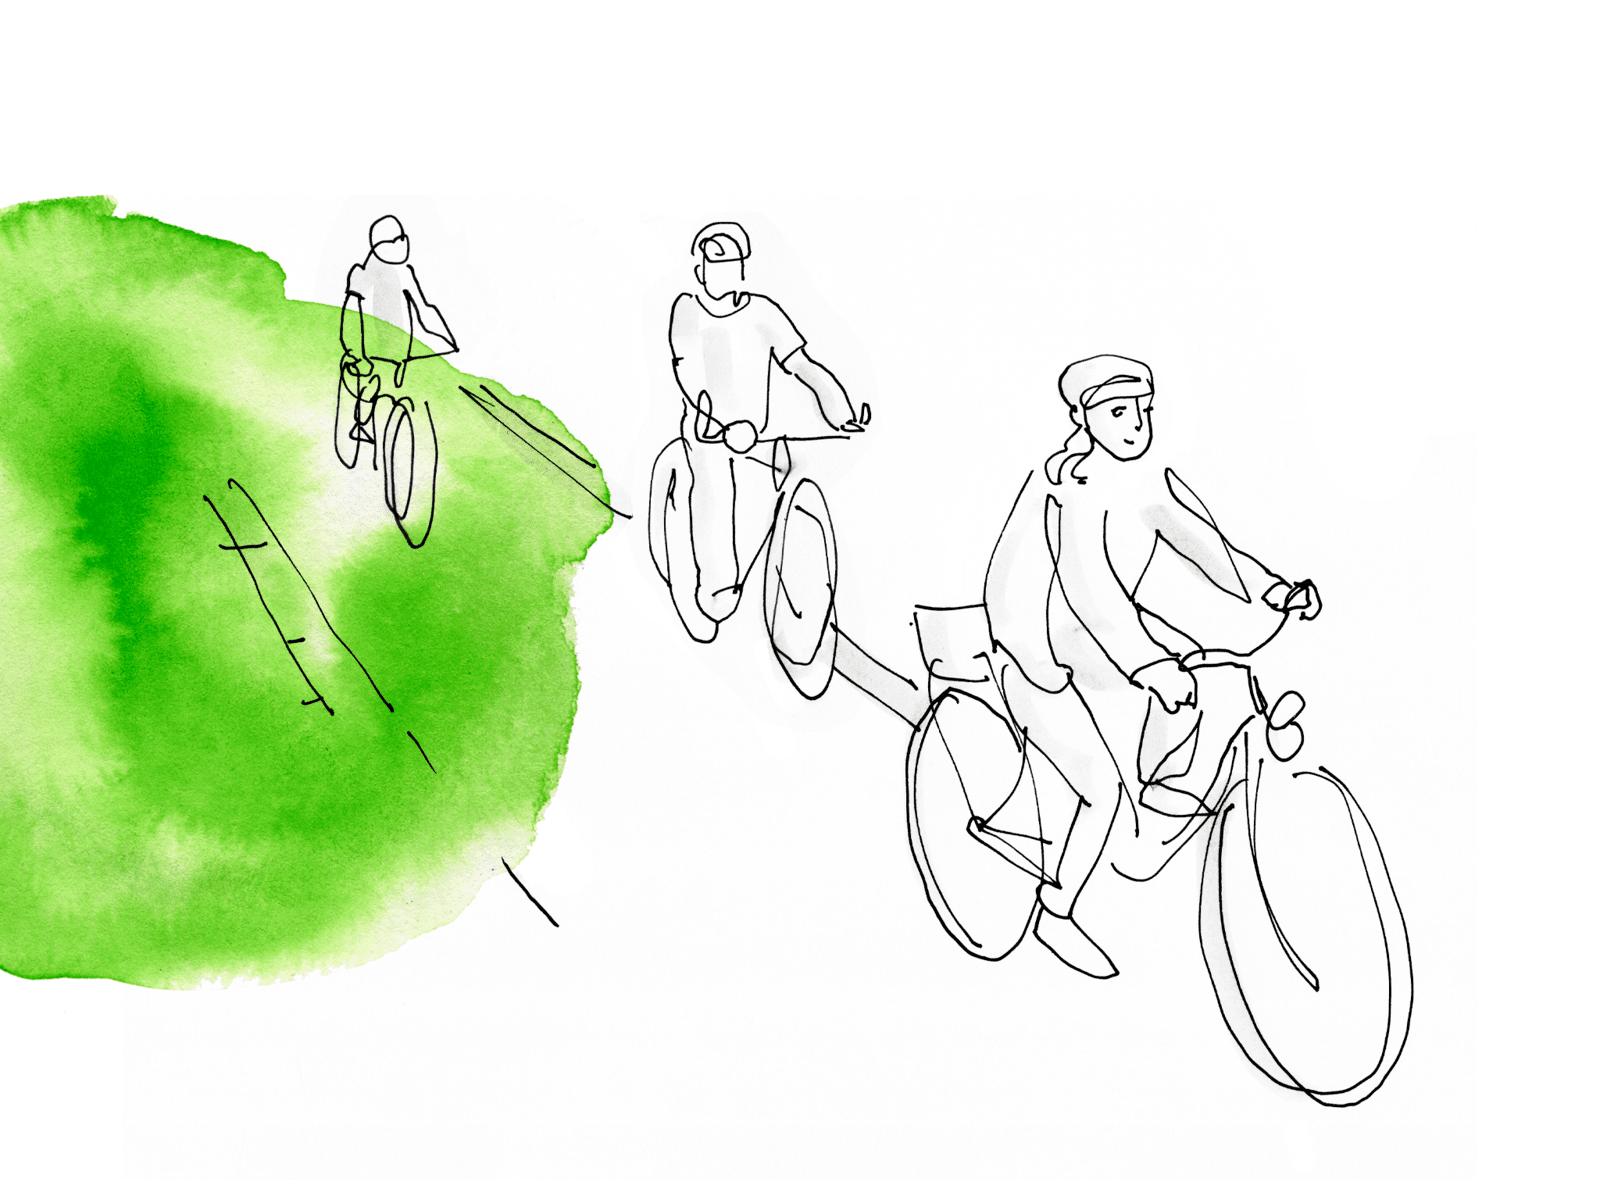 Zeichnung von drei Personen, die Rad fahren. Am Rand des weißen Bildes ist etwas grüne Farbe.